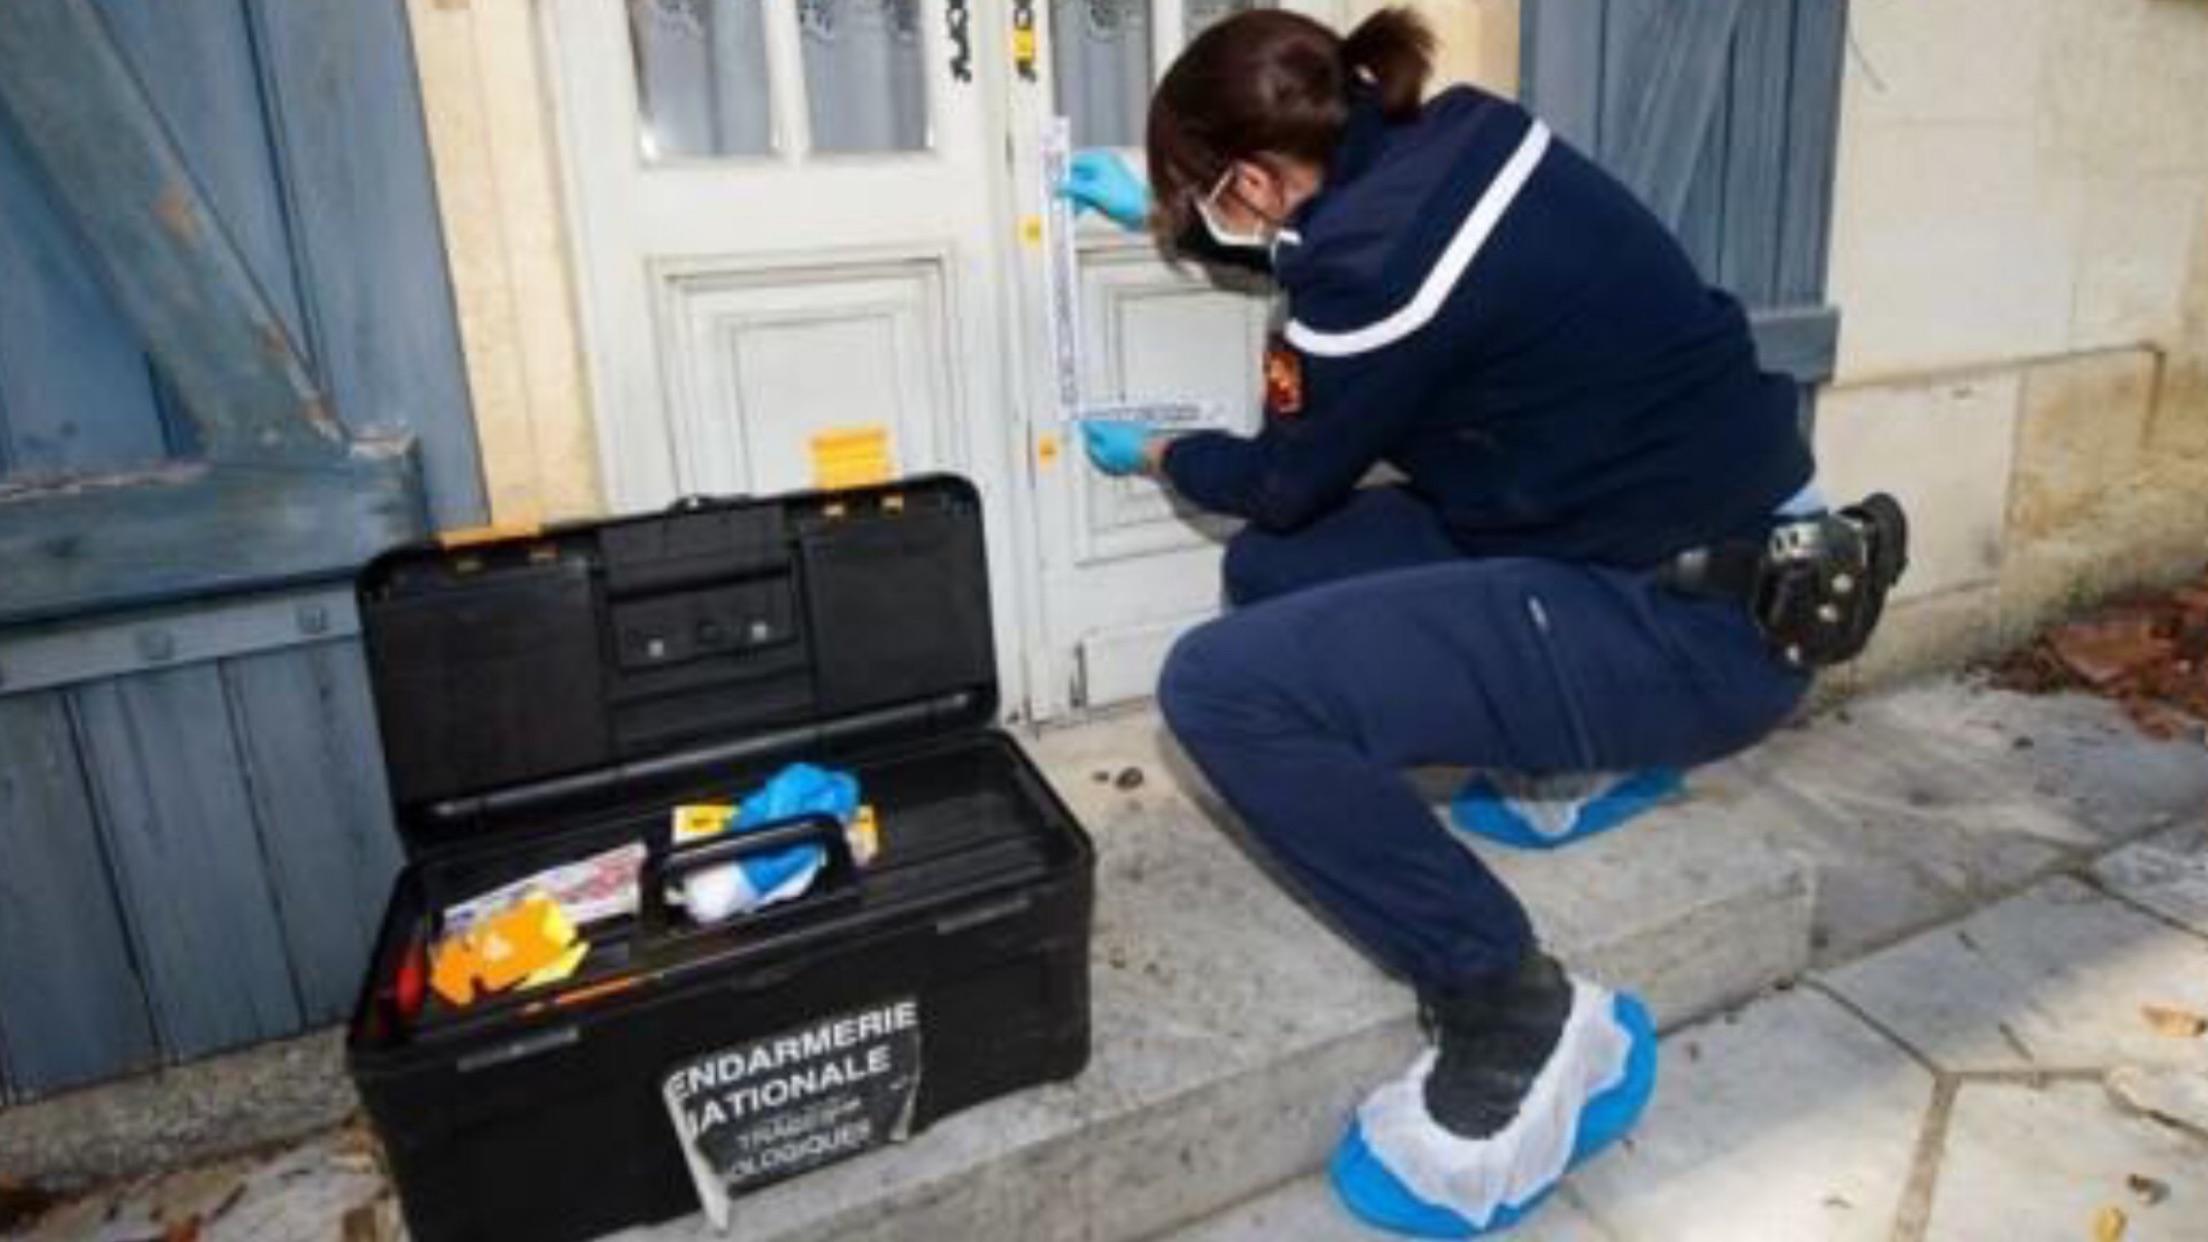 Grâce à des traces ADN relevées sur le lieu du cambriolage, par le technicien d'investigation criminelle, l'auteur des faits a pu être confondu (Illustration © Gendarmerie)